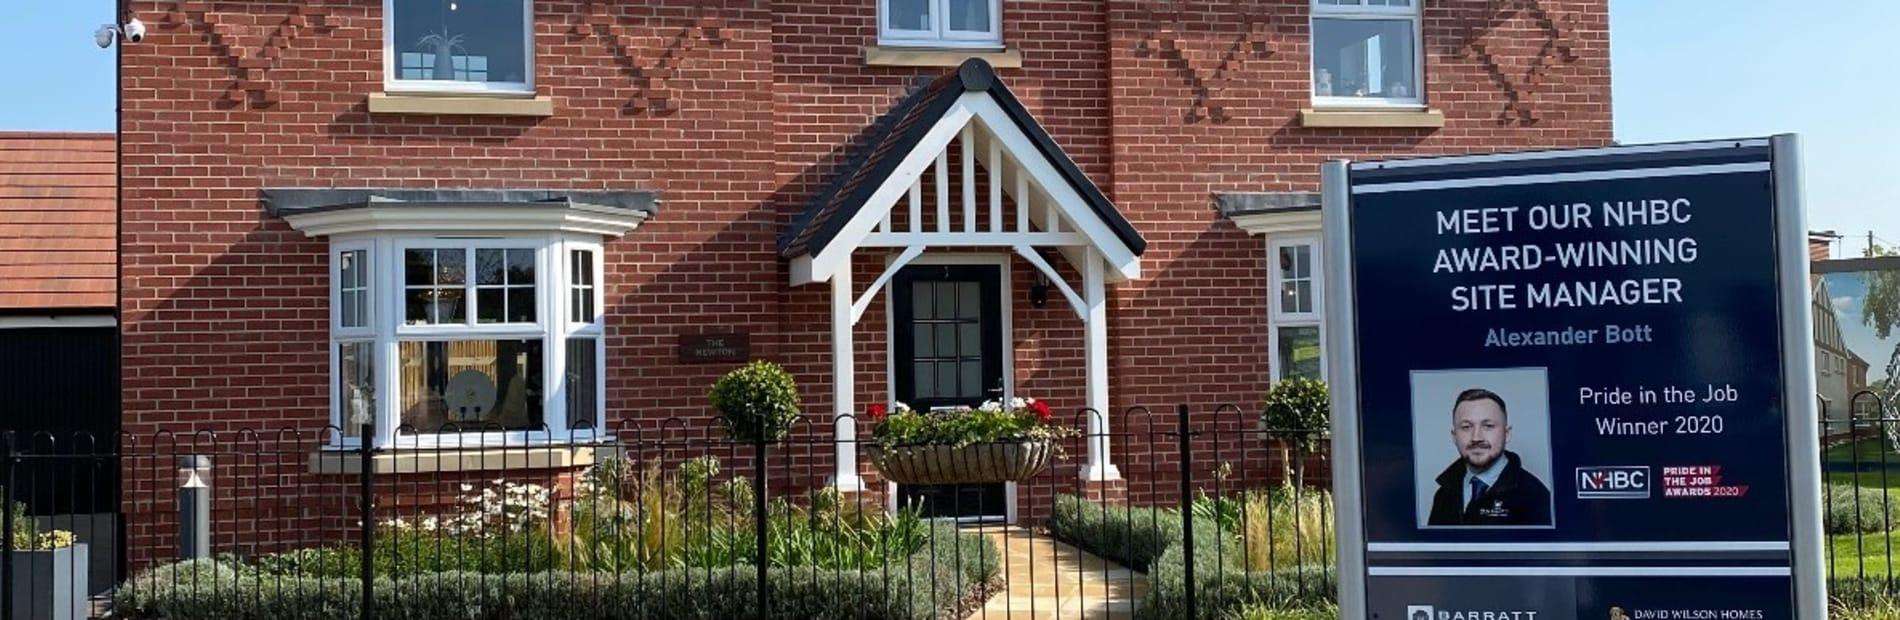 Peakdale Epsom Red Facing Brick Used On Barratt David Wilson Home Development